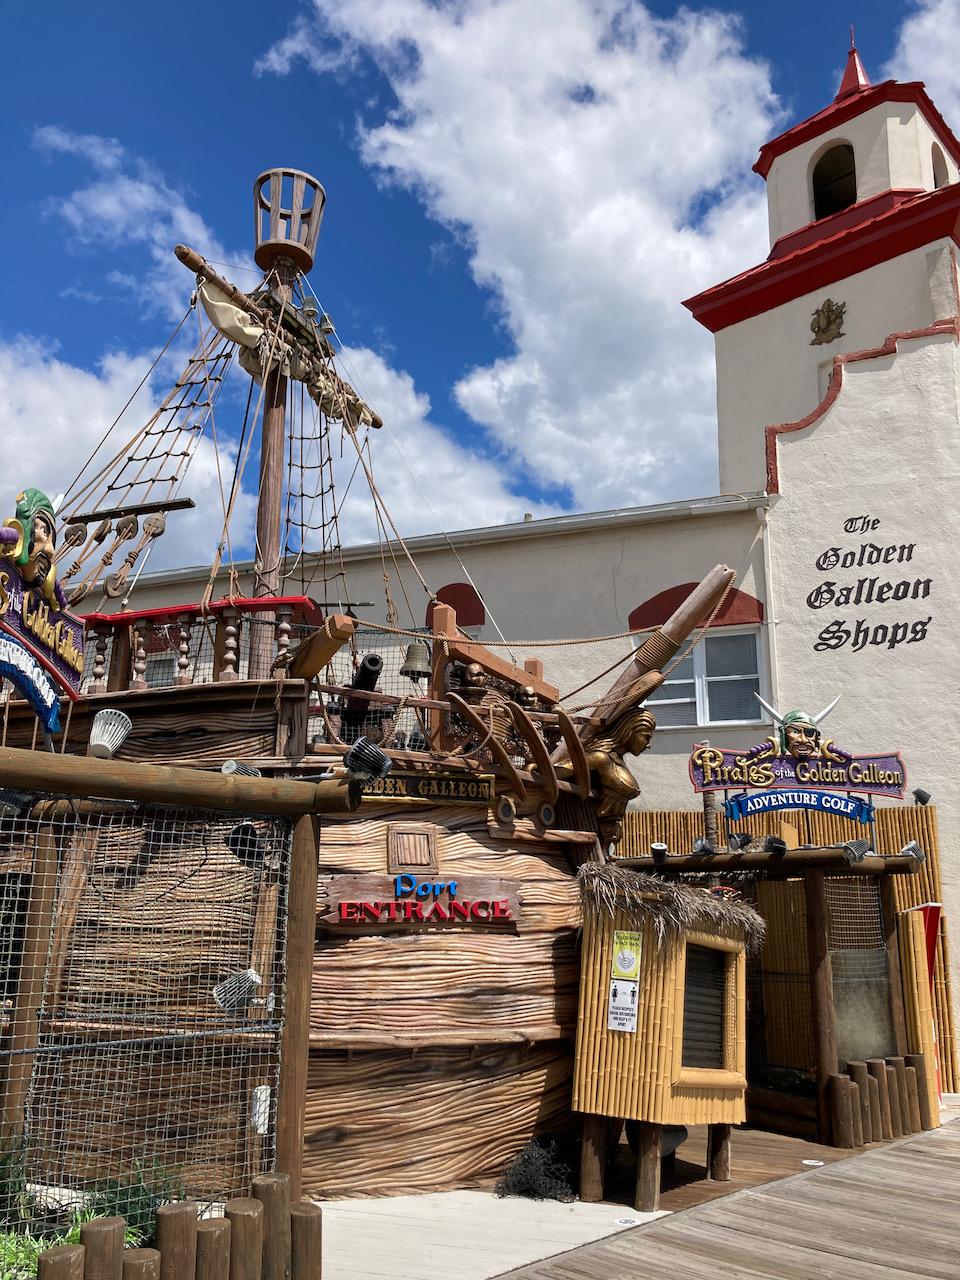 Pirate ship model on boardwalk of Ocean City.